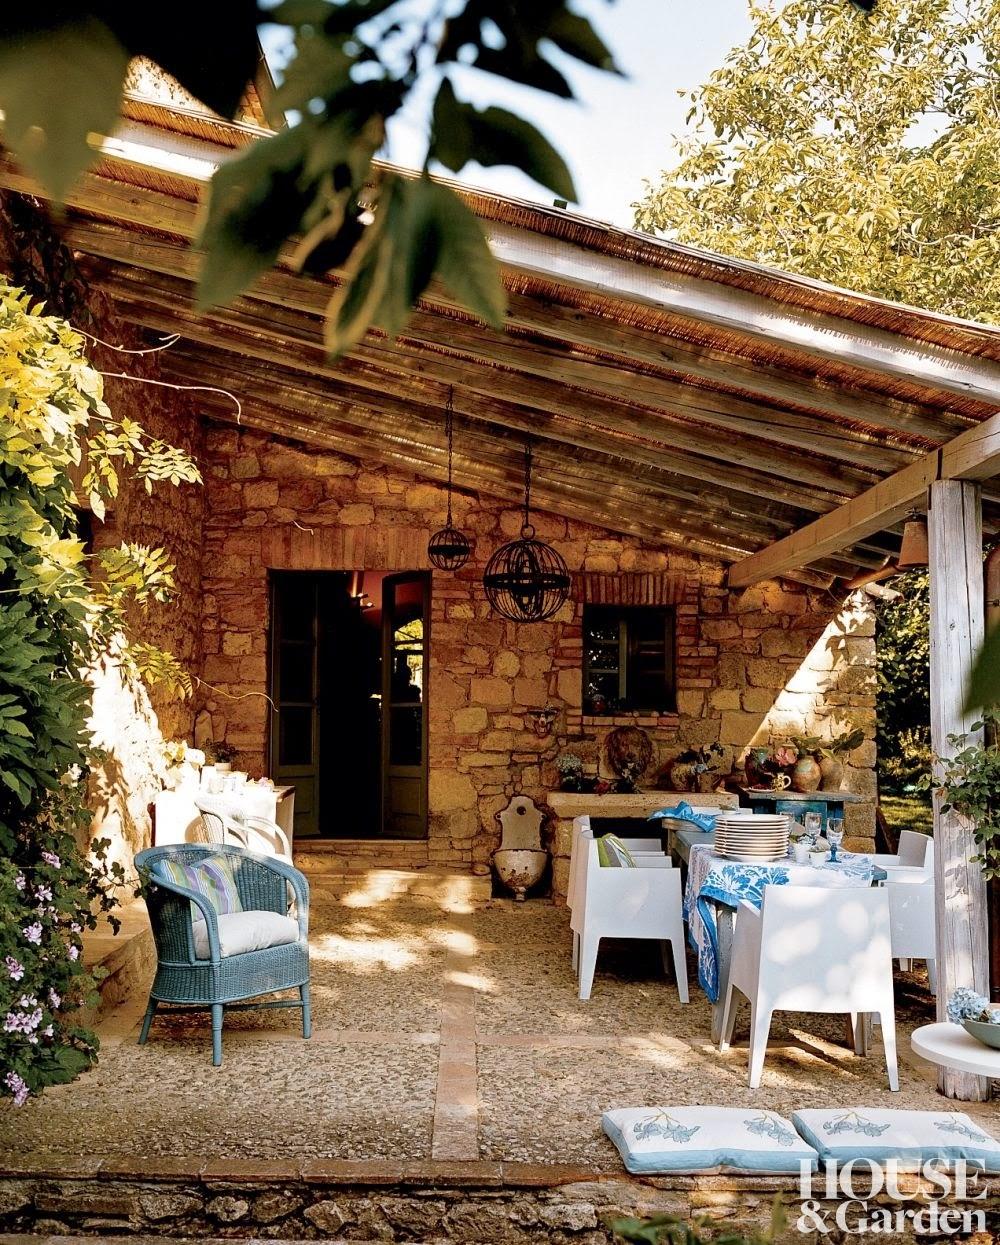 Tricia Guild's Rustic Farmhouse